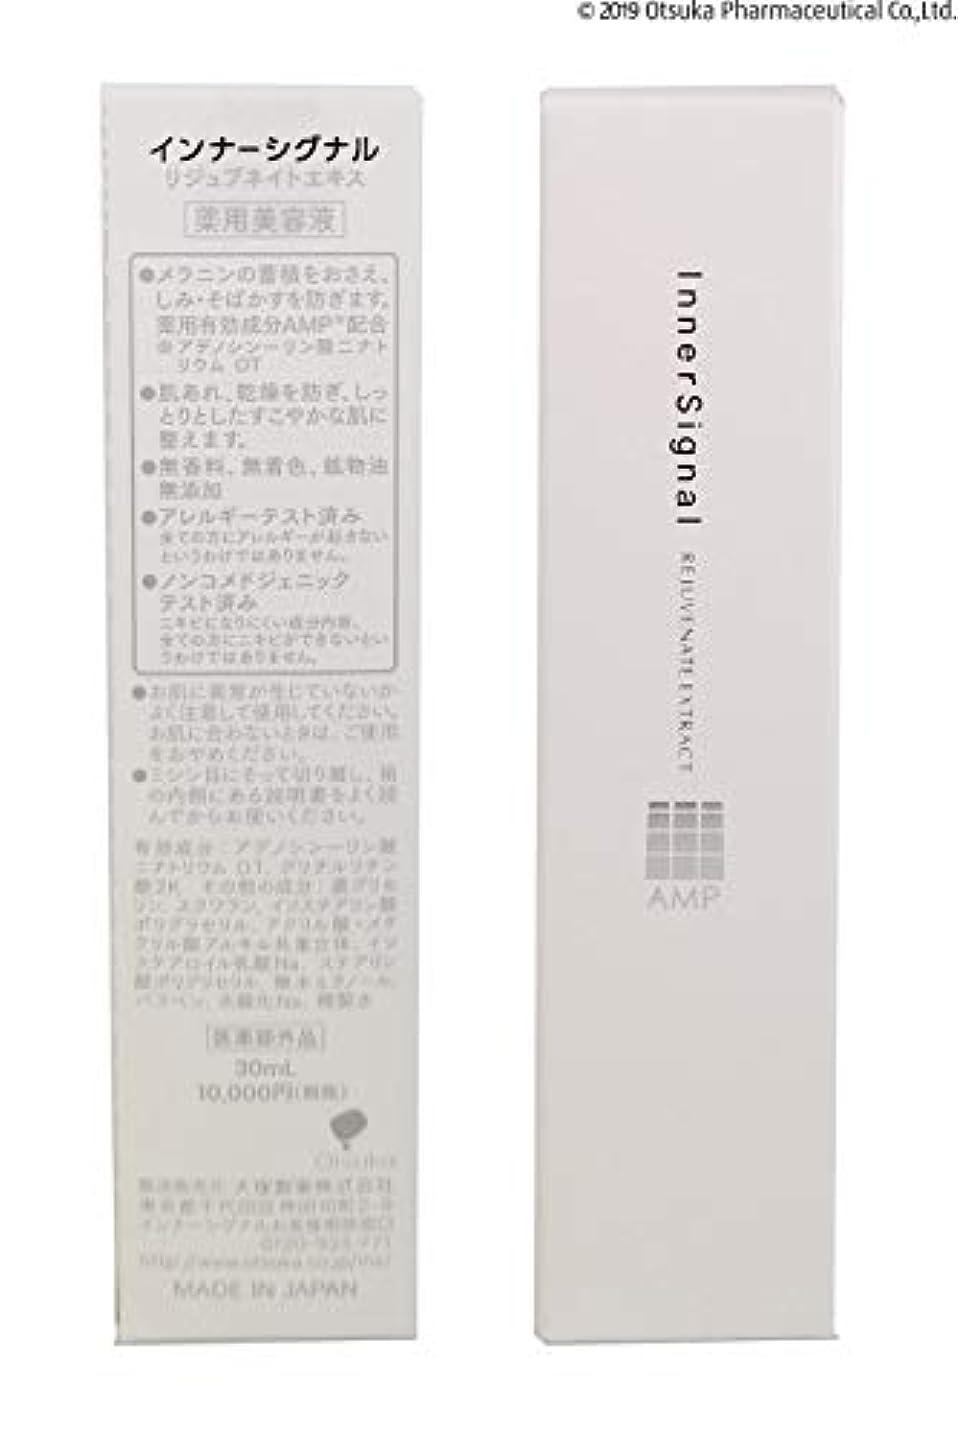 キャリアラッカスライナー大塚製薬 【医薬部外品】 インナーシグナル エキス 30mL (薬用美容液)52981